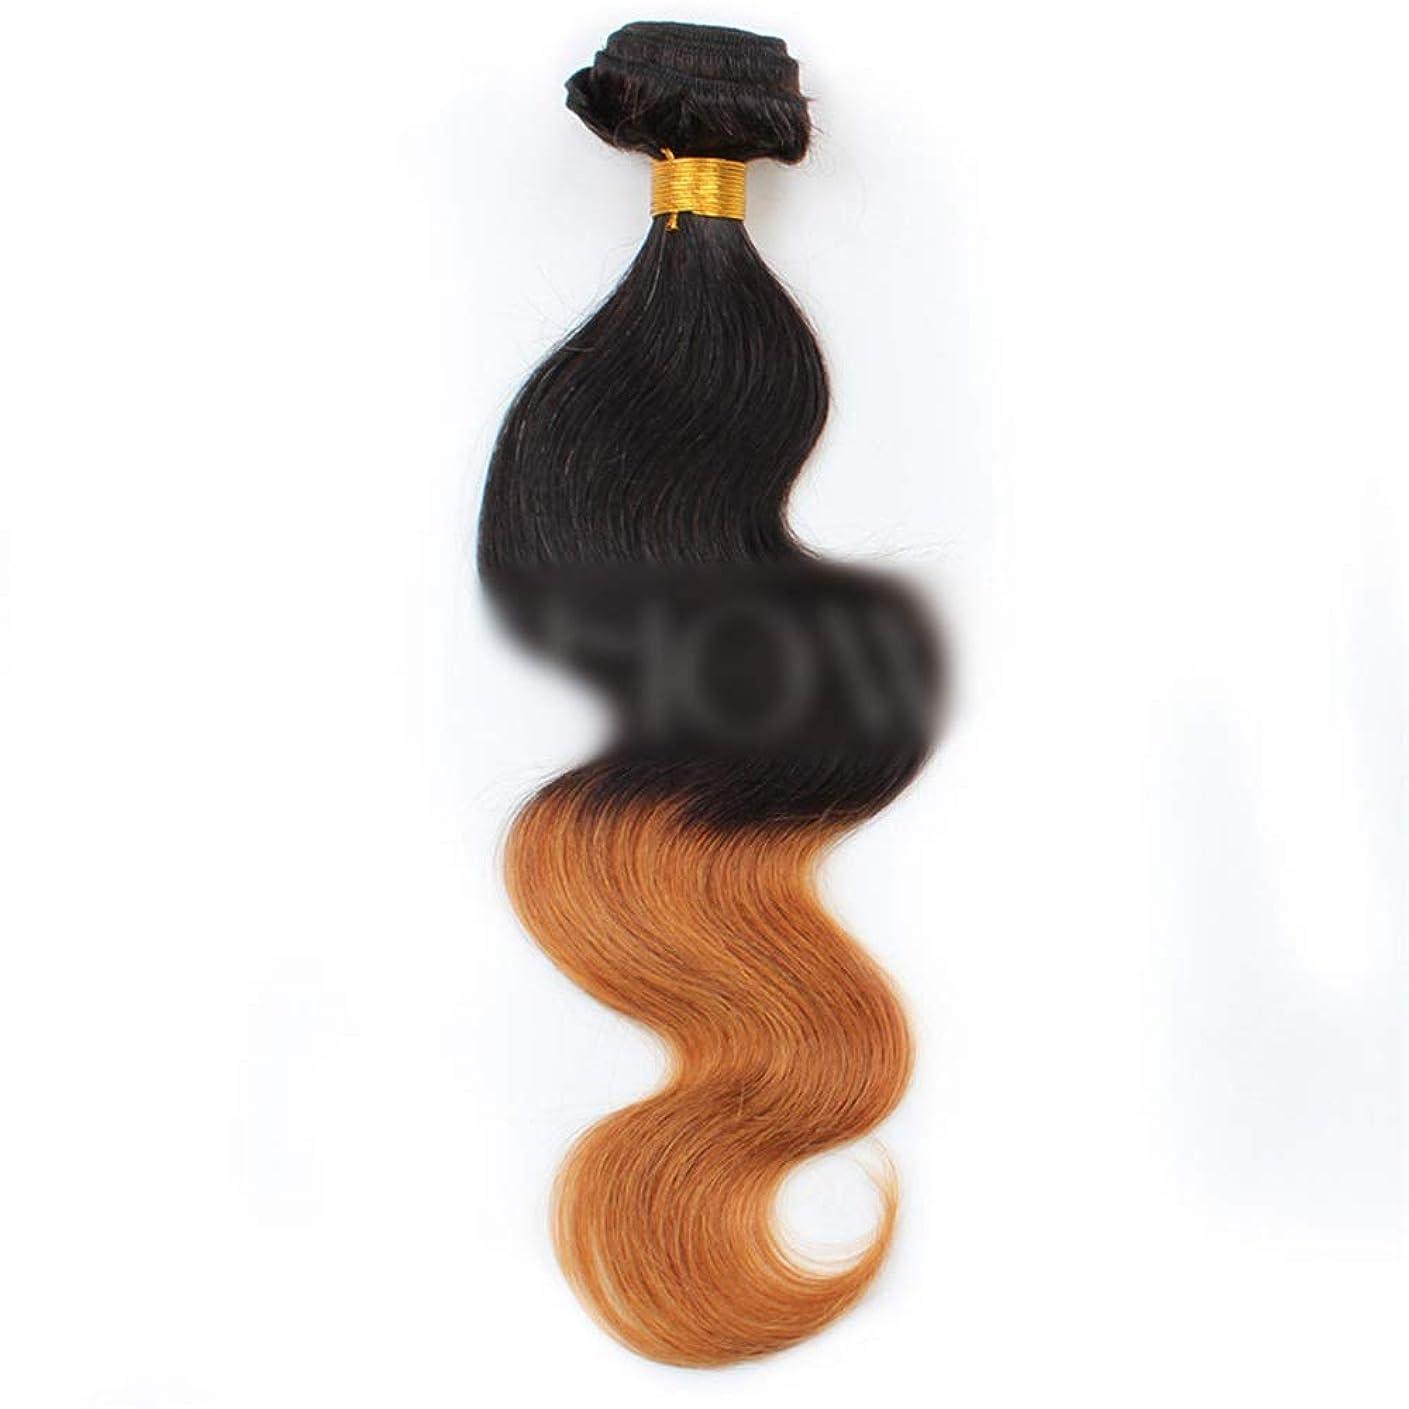 喜劇単独でタワーYESONEEP ブラジルの人間の髪の毛のボディ織り方ヘアエクステンション-1B / 30#黒から茶色へのグラデーショングラデーションカラー髪の織り方1バンドル、100g合成髪レースかつらロールプレイングかつら長くて短い女性自然 (色 : ブラウン, サイズ : 22 inch)